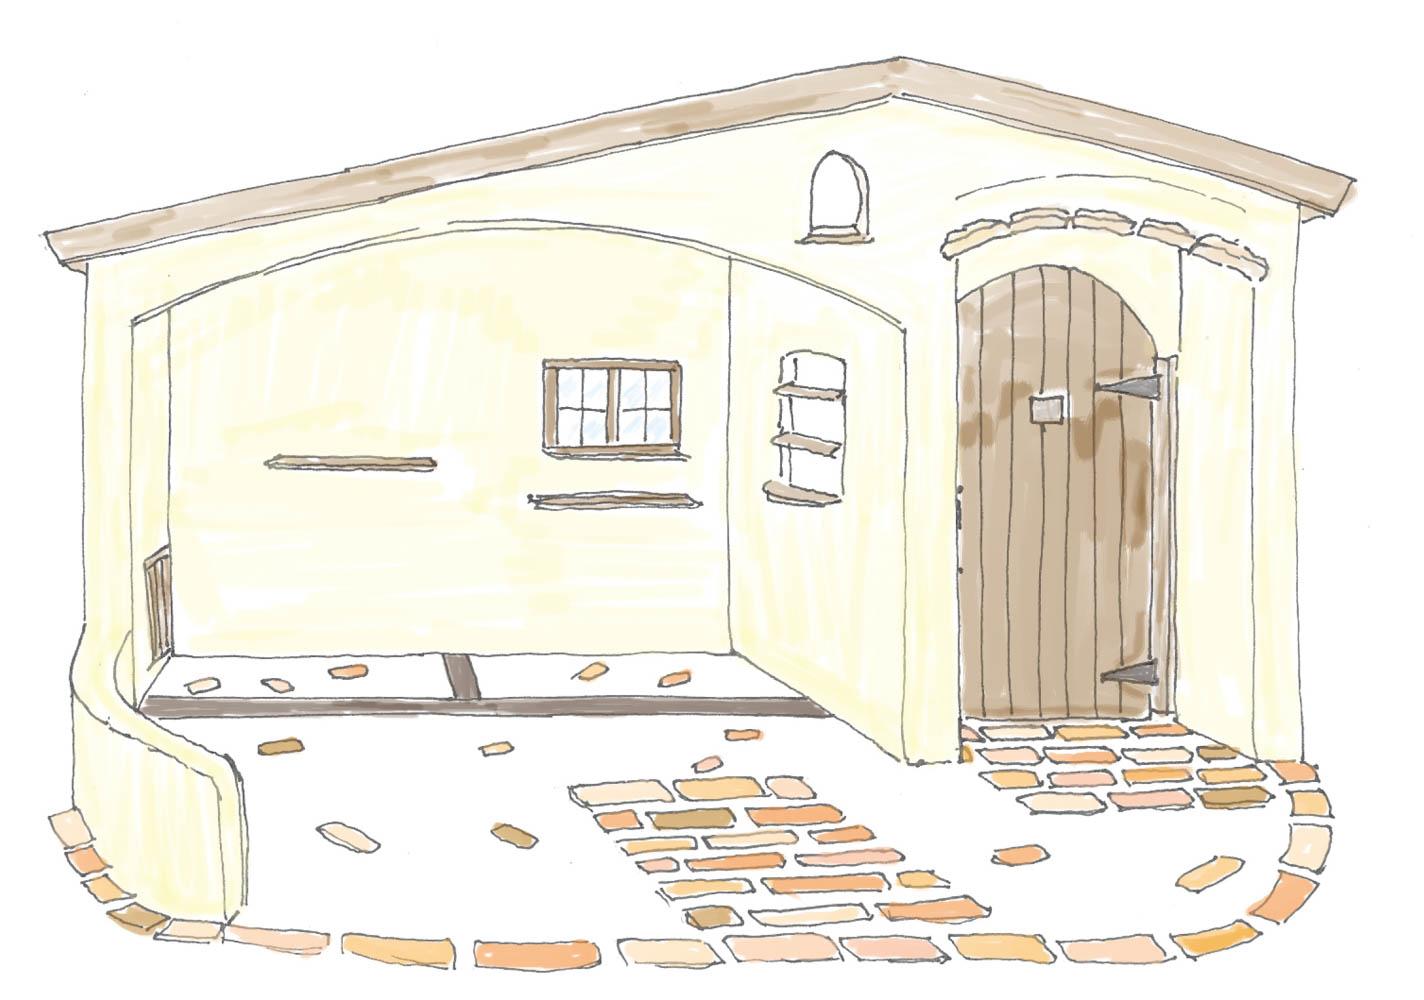 フィトライフのイタリア製漆喰塗りの庭小屋のご提案用のスケッチ